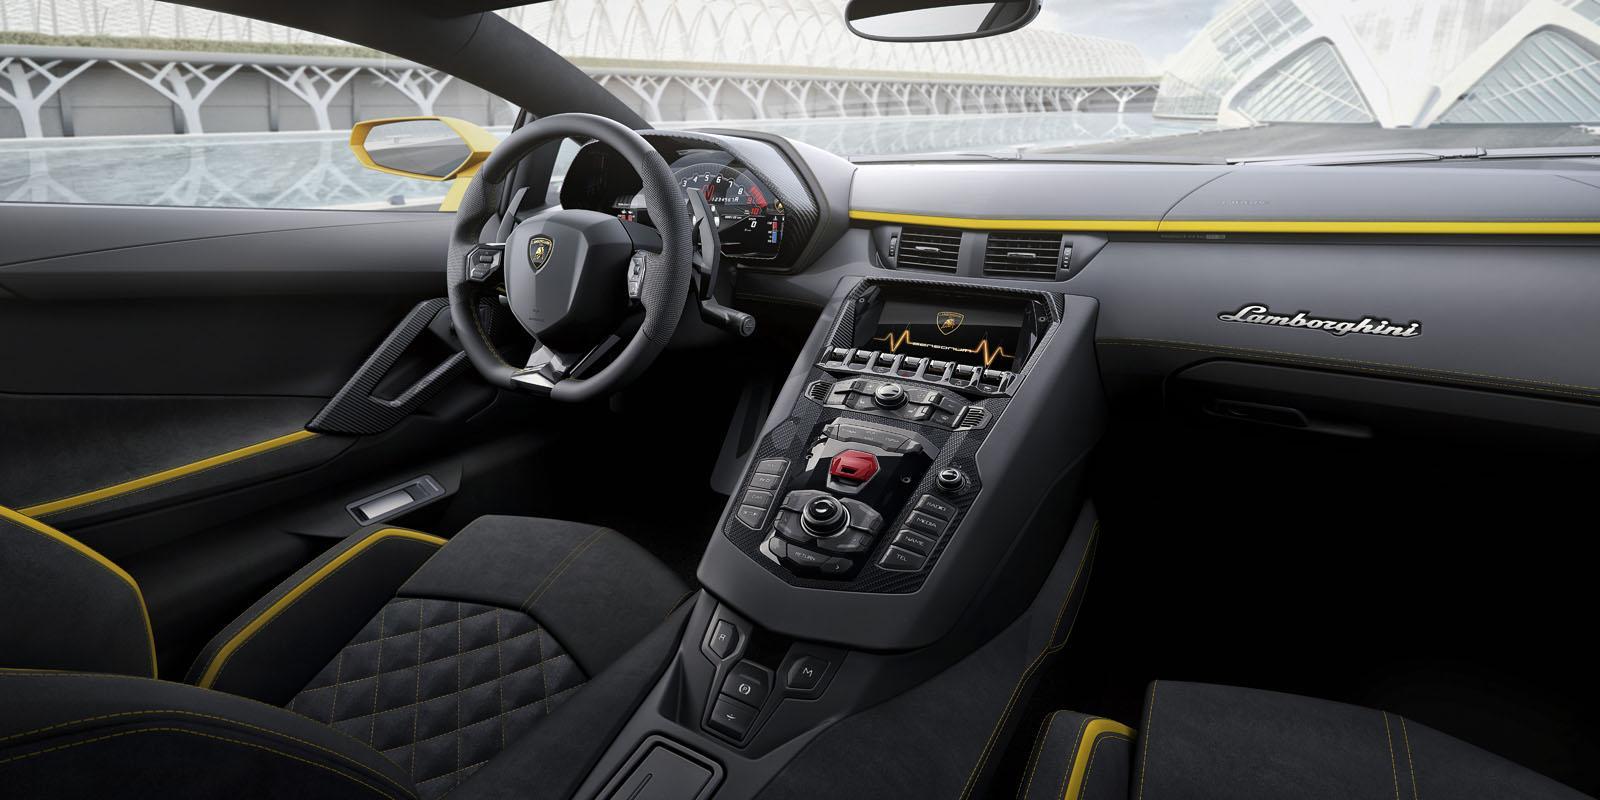 2018 Lamborghini Aventador S 12